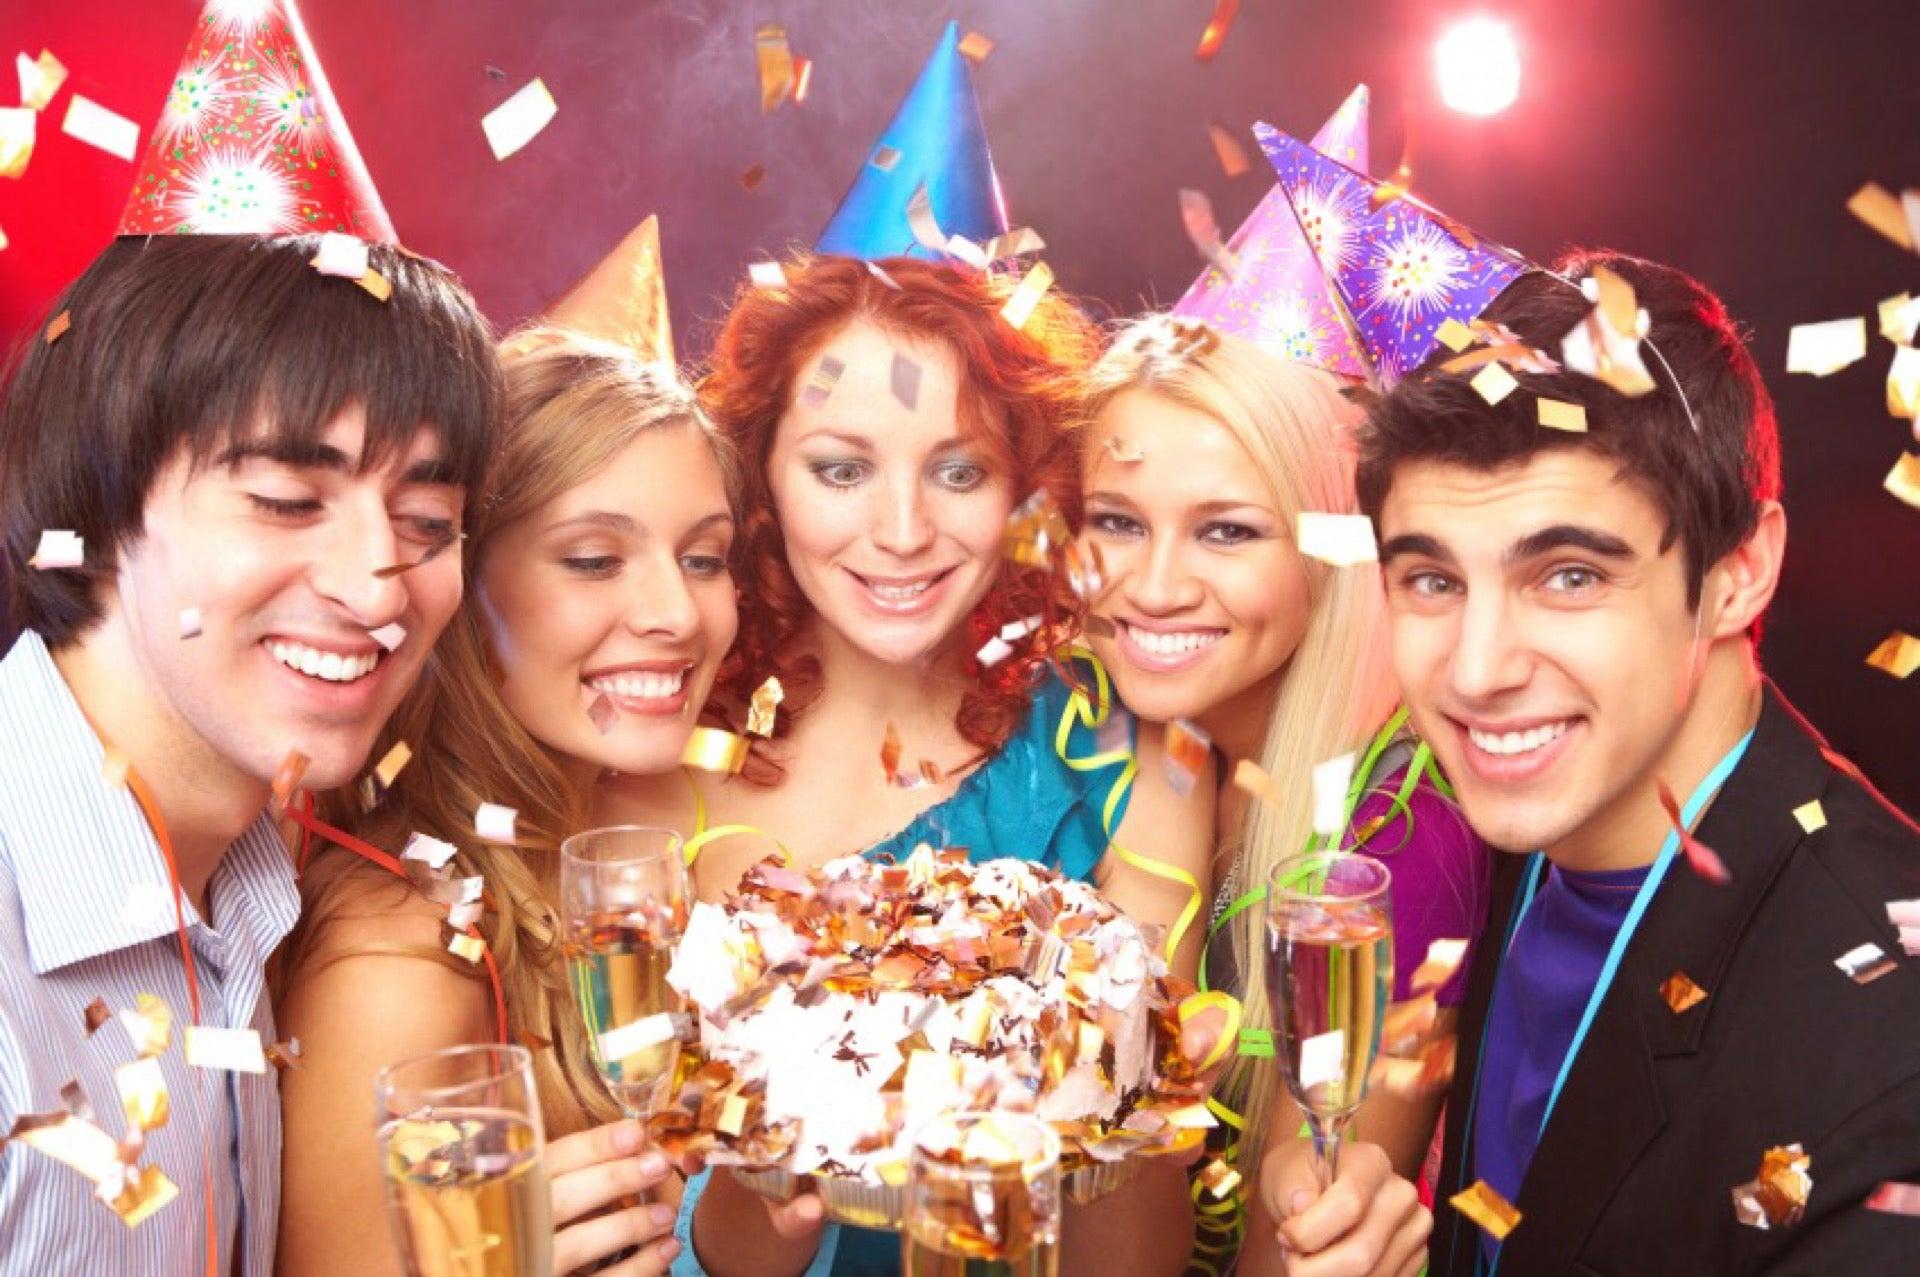 Конкурсы за столом на юбилей 25 лет девушке прикольные с конкурсами